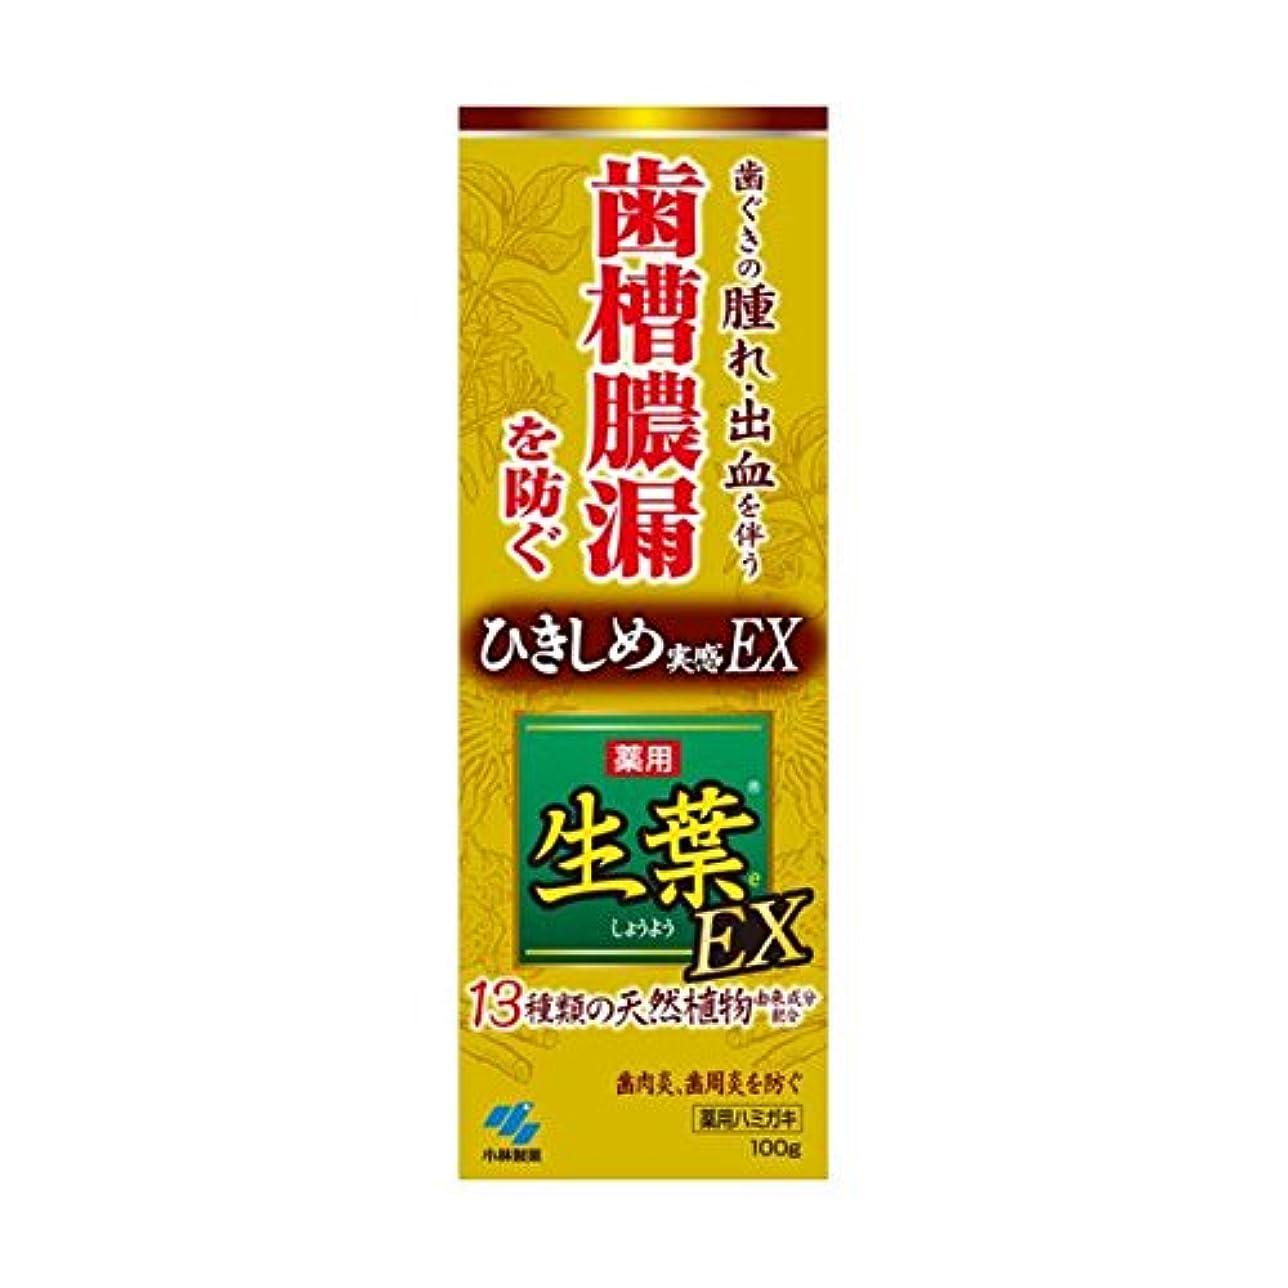 生葉EX 100g x2個セット